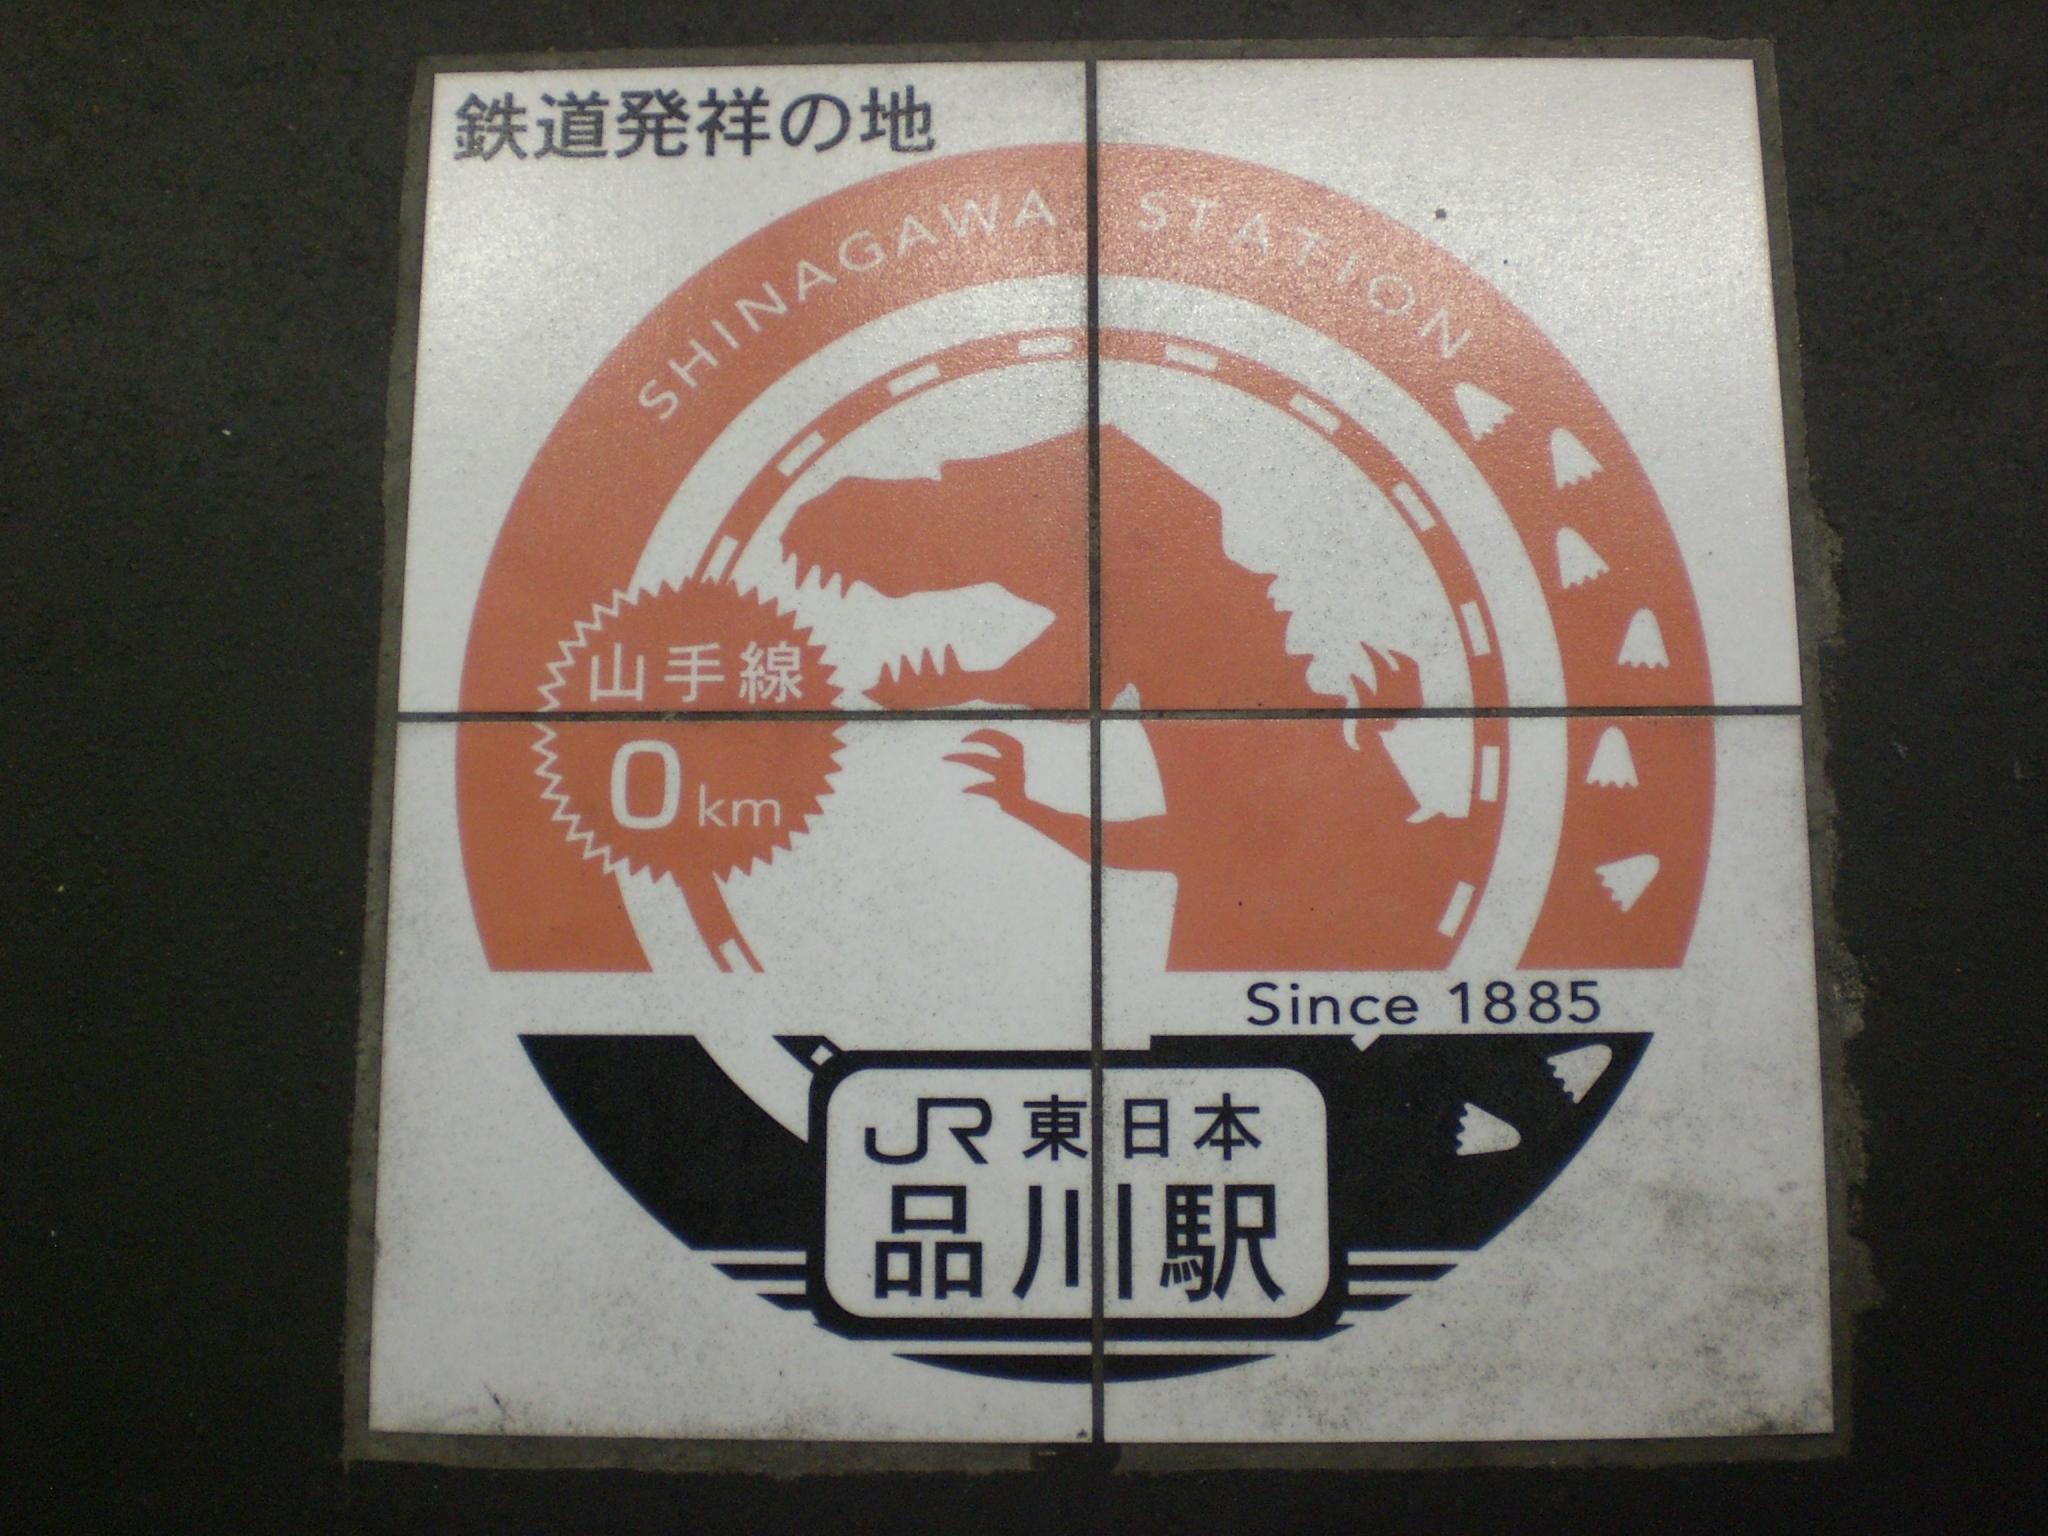 品川駅ゴジラ